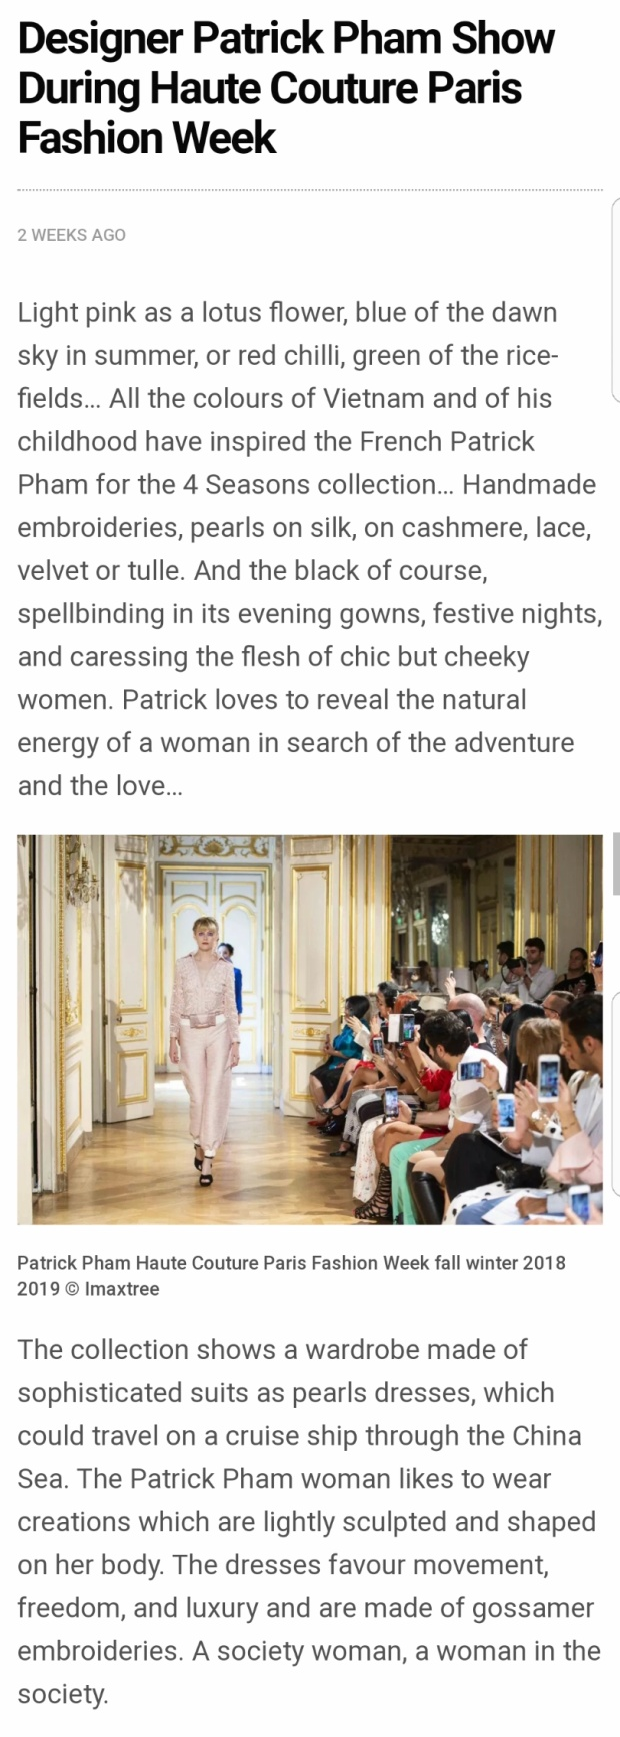 """Tạp chí FabUKmagazine của Anh gọi đây là """"tủ áo mà mọi phụ nữ có thể nghĩ đến sẽ mang theo trên 1 chuyến du thuyền dạo quanh biển Đông"""", """"lấy nguồn cảm hứng từ quê hương Việt Nam xinh đẹp trong ký ức tuổi thơ."""""""